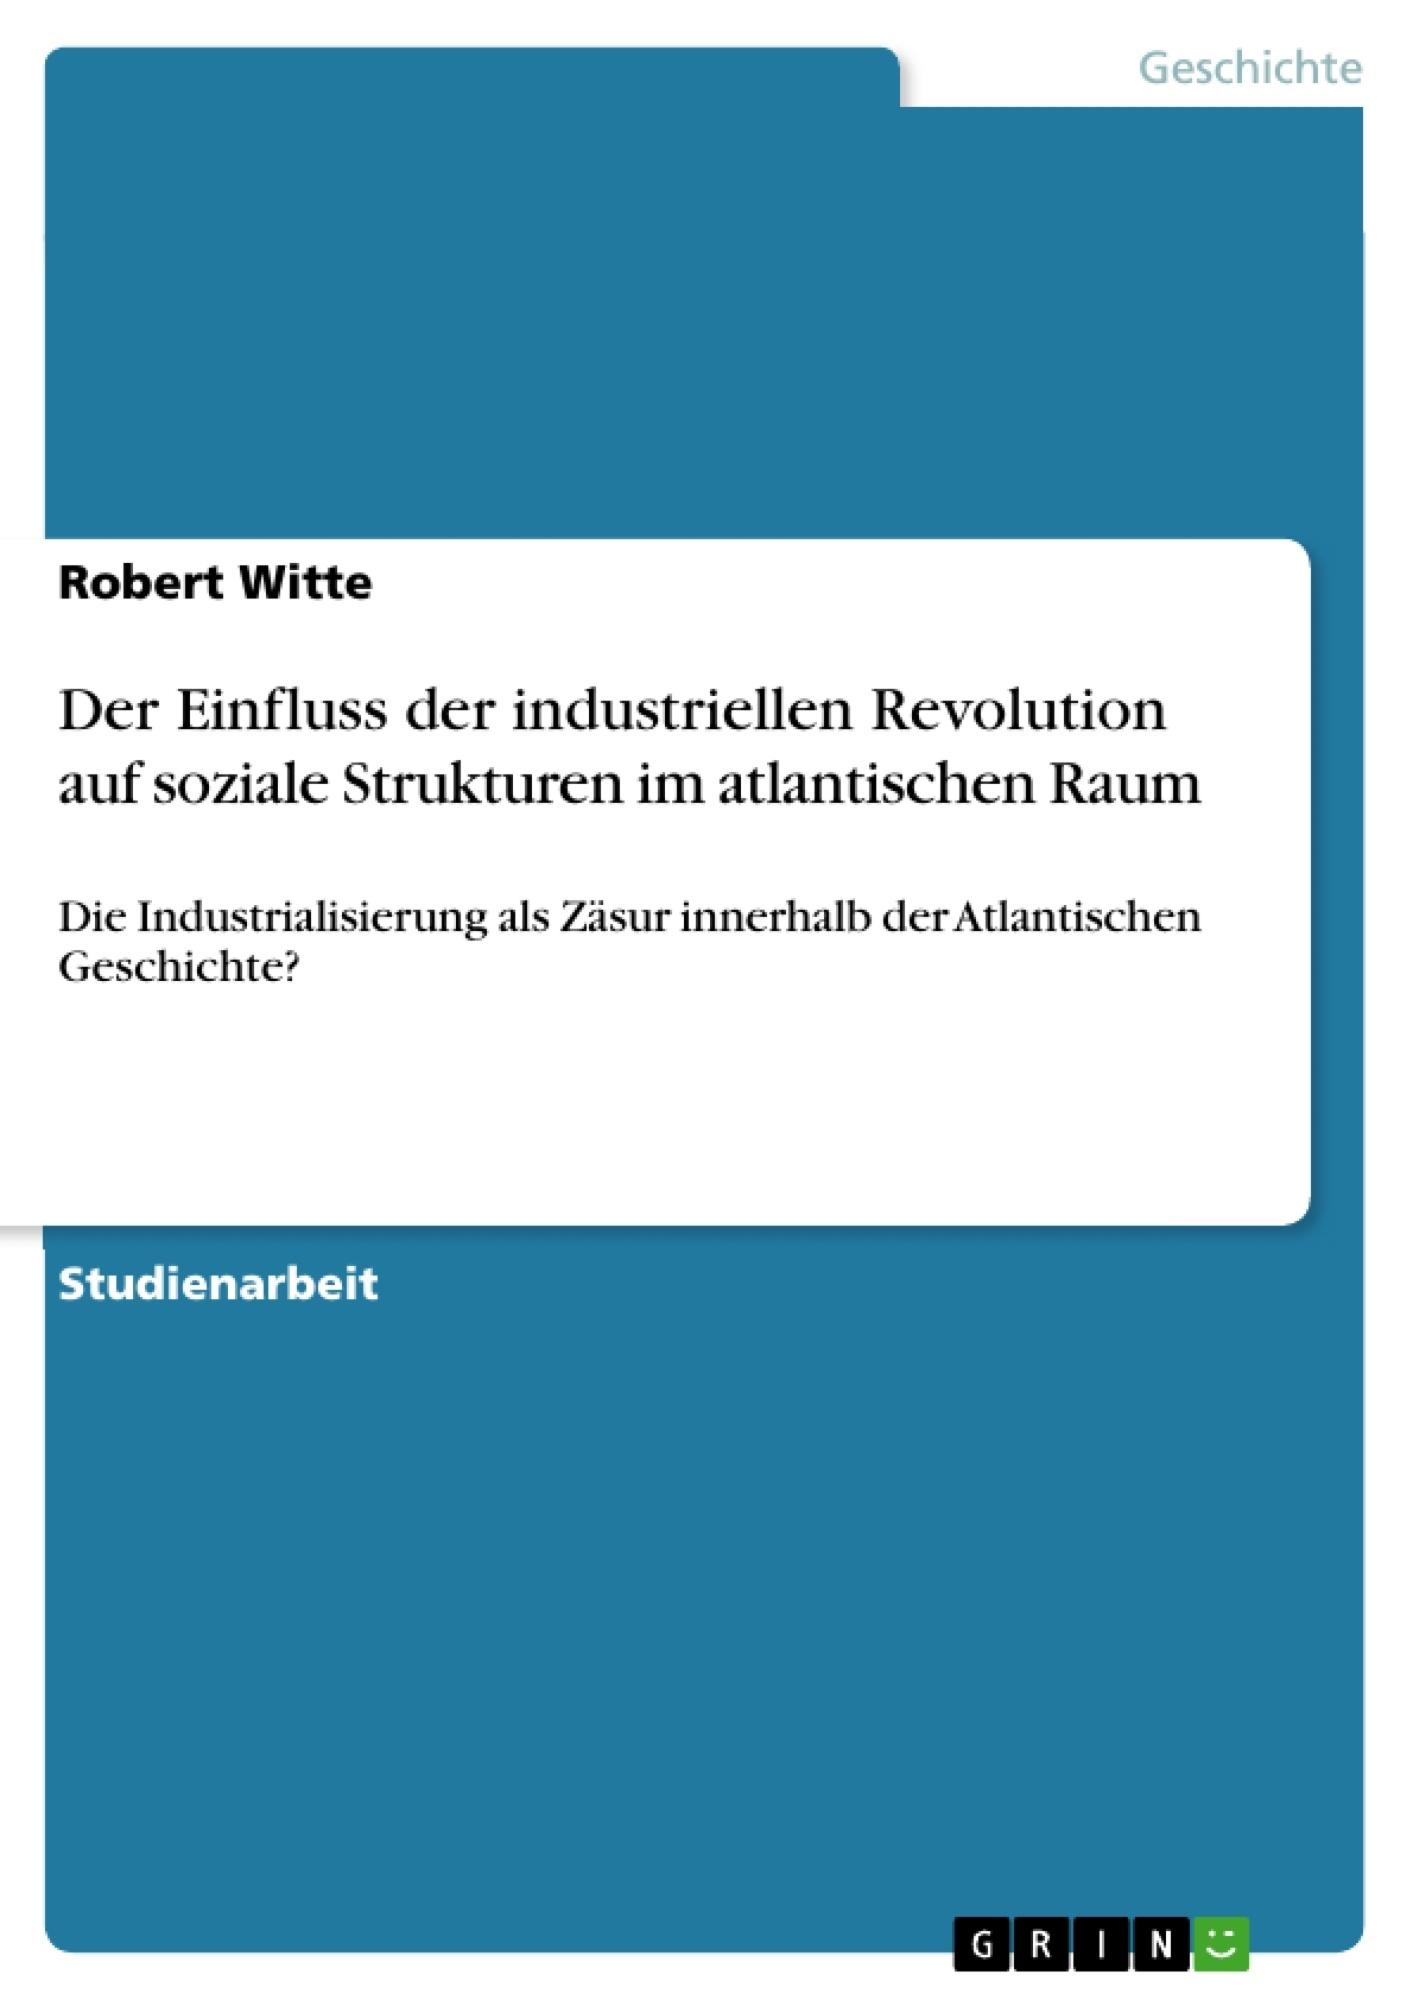 Titel: Der Einfluss der industriellen Revolution auf soziale Strukturen im atlantischen Raum